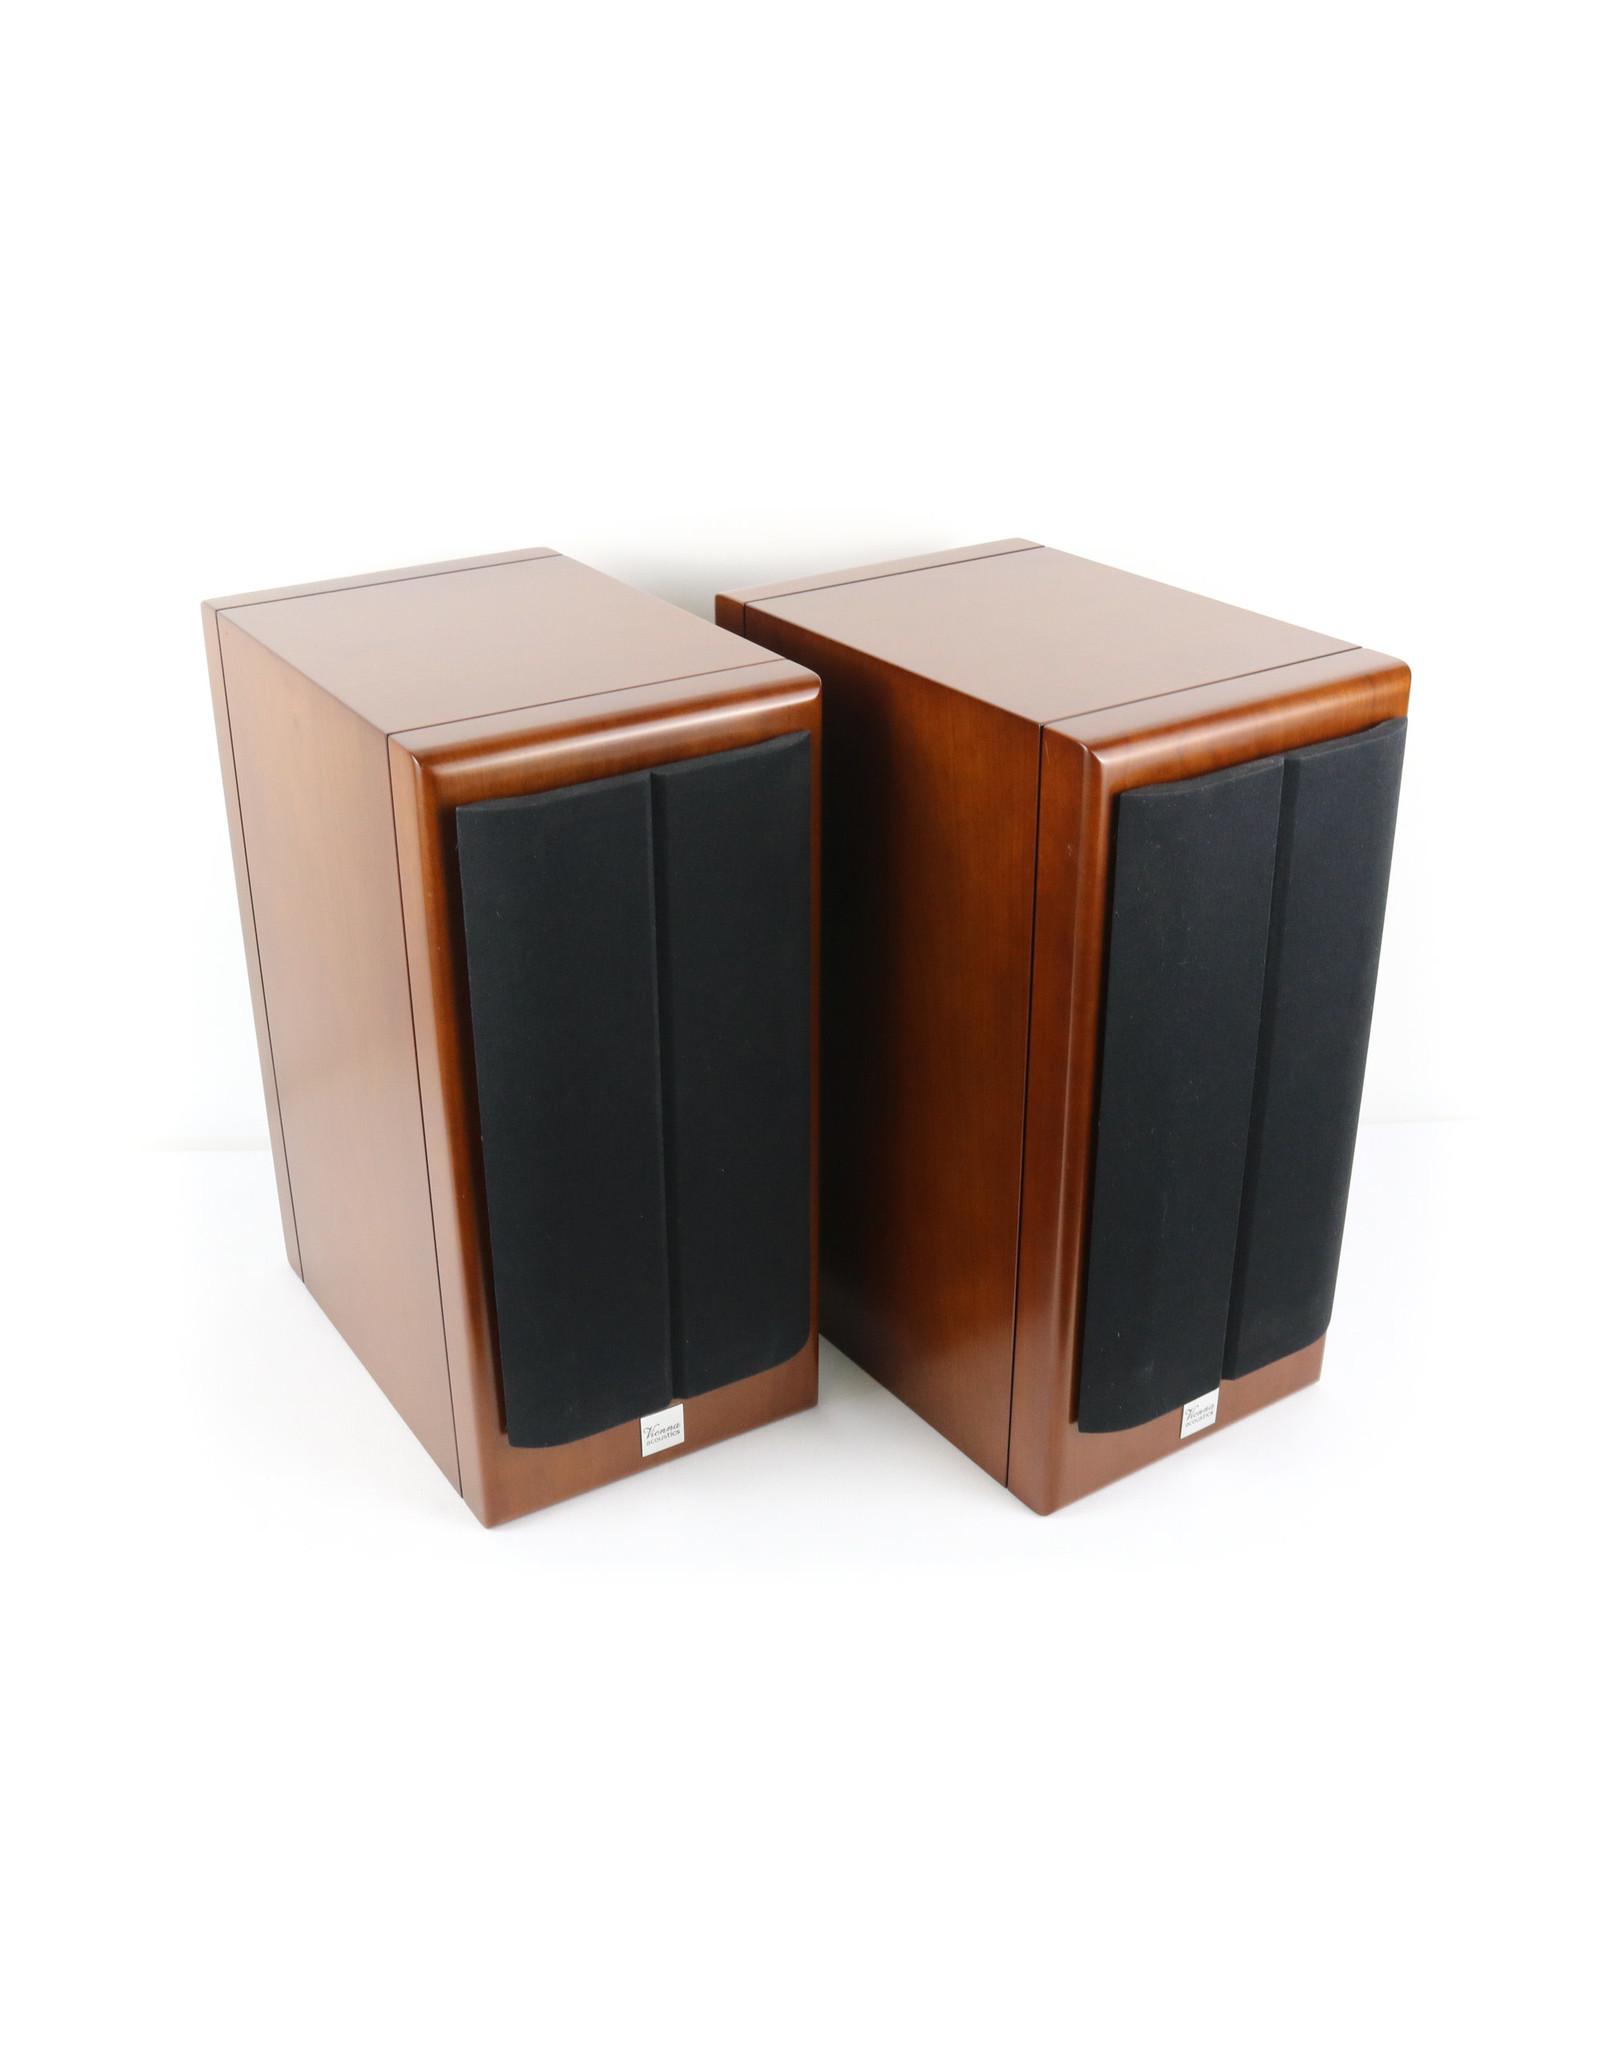 Vienna Acoustics Vienna Haydn Grand Bookshelf Speakers USED